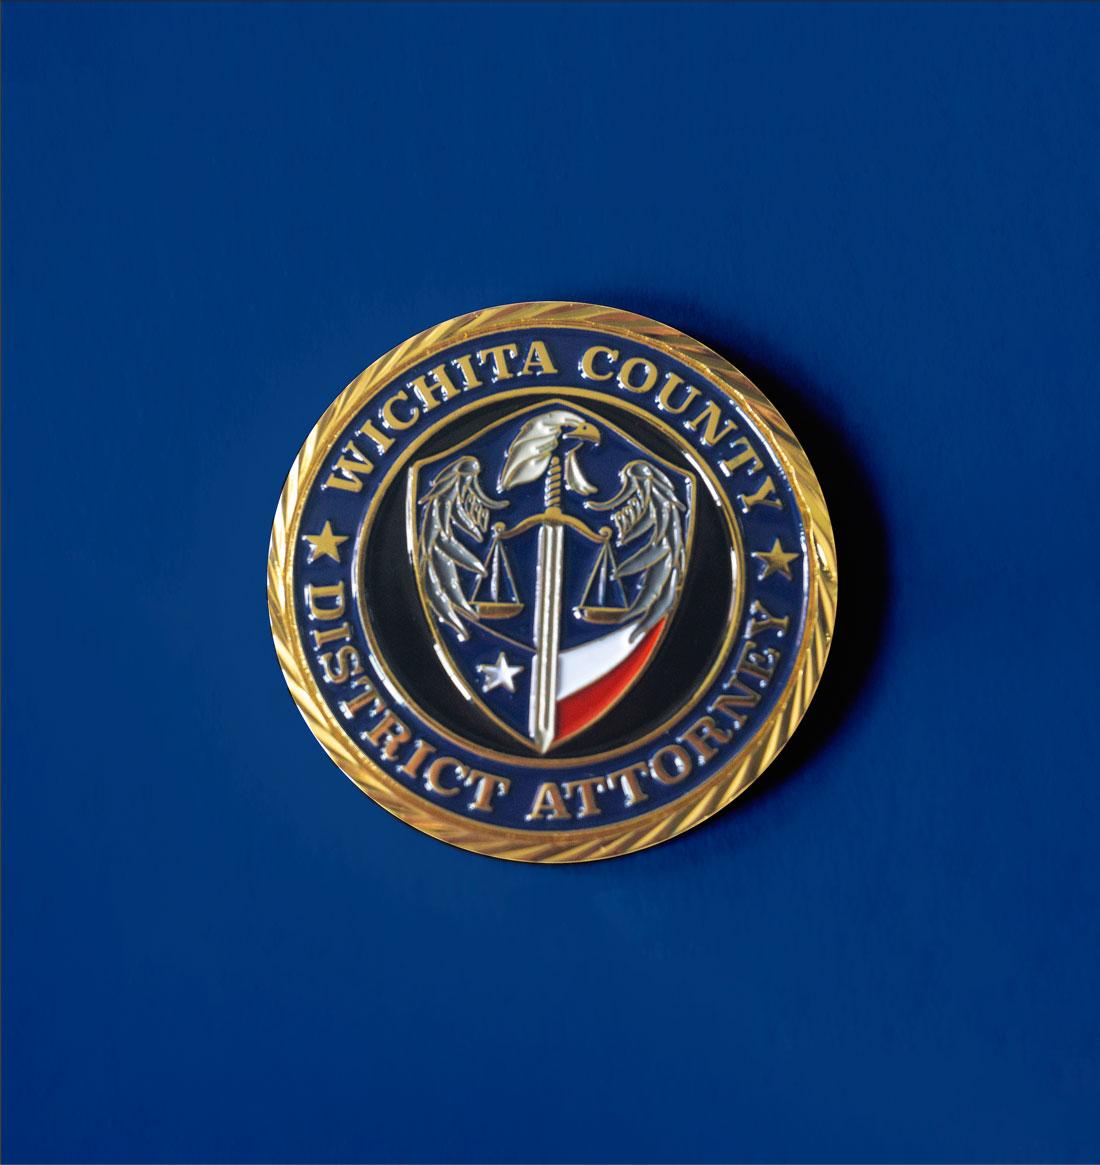 Wichita Falls District Attorney coin design